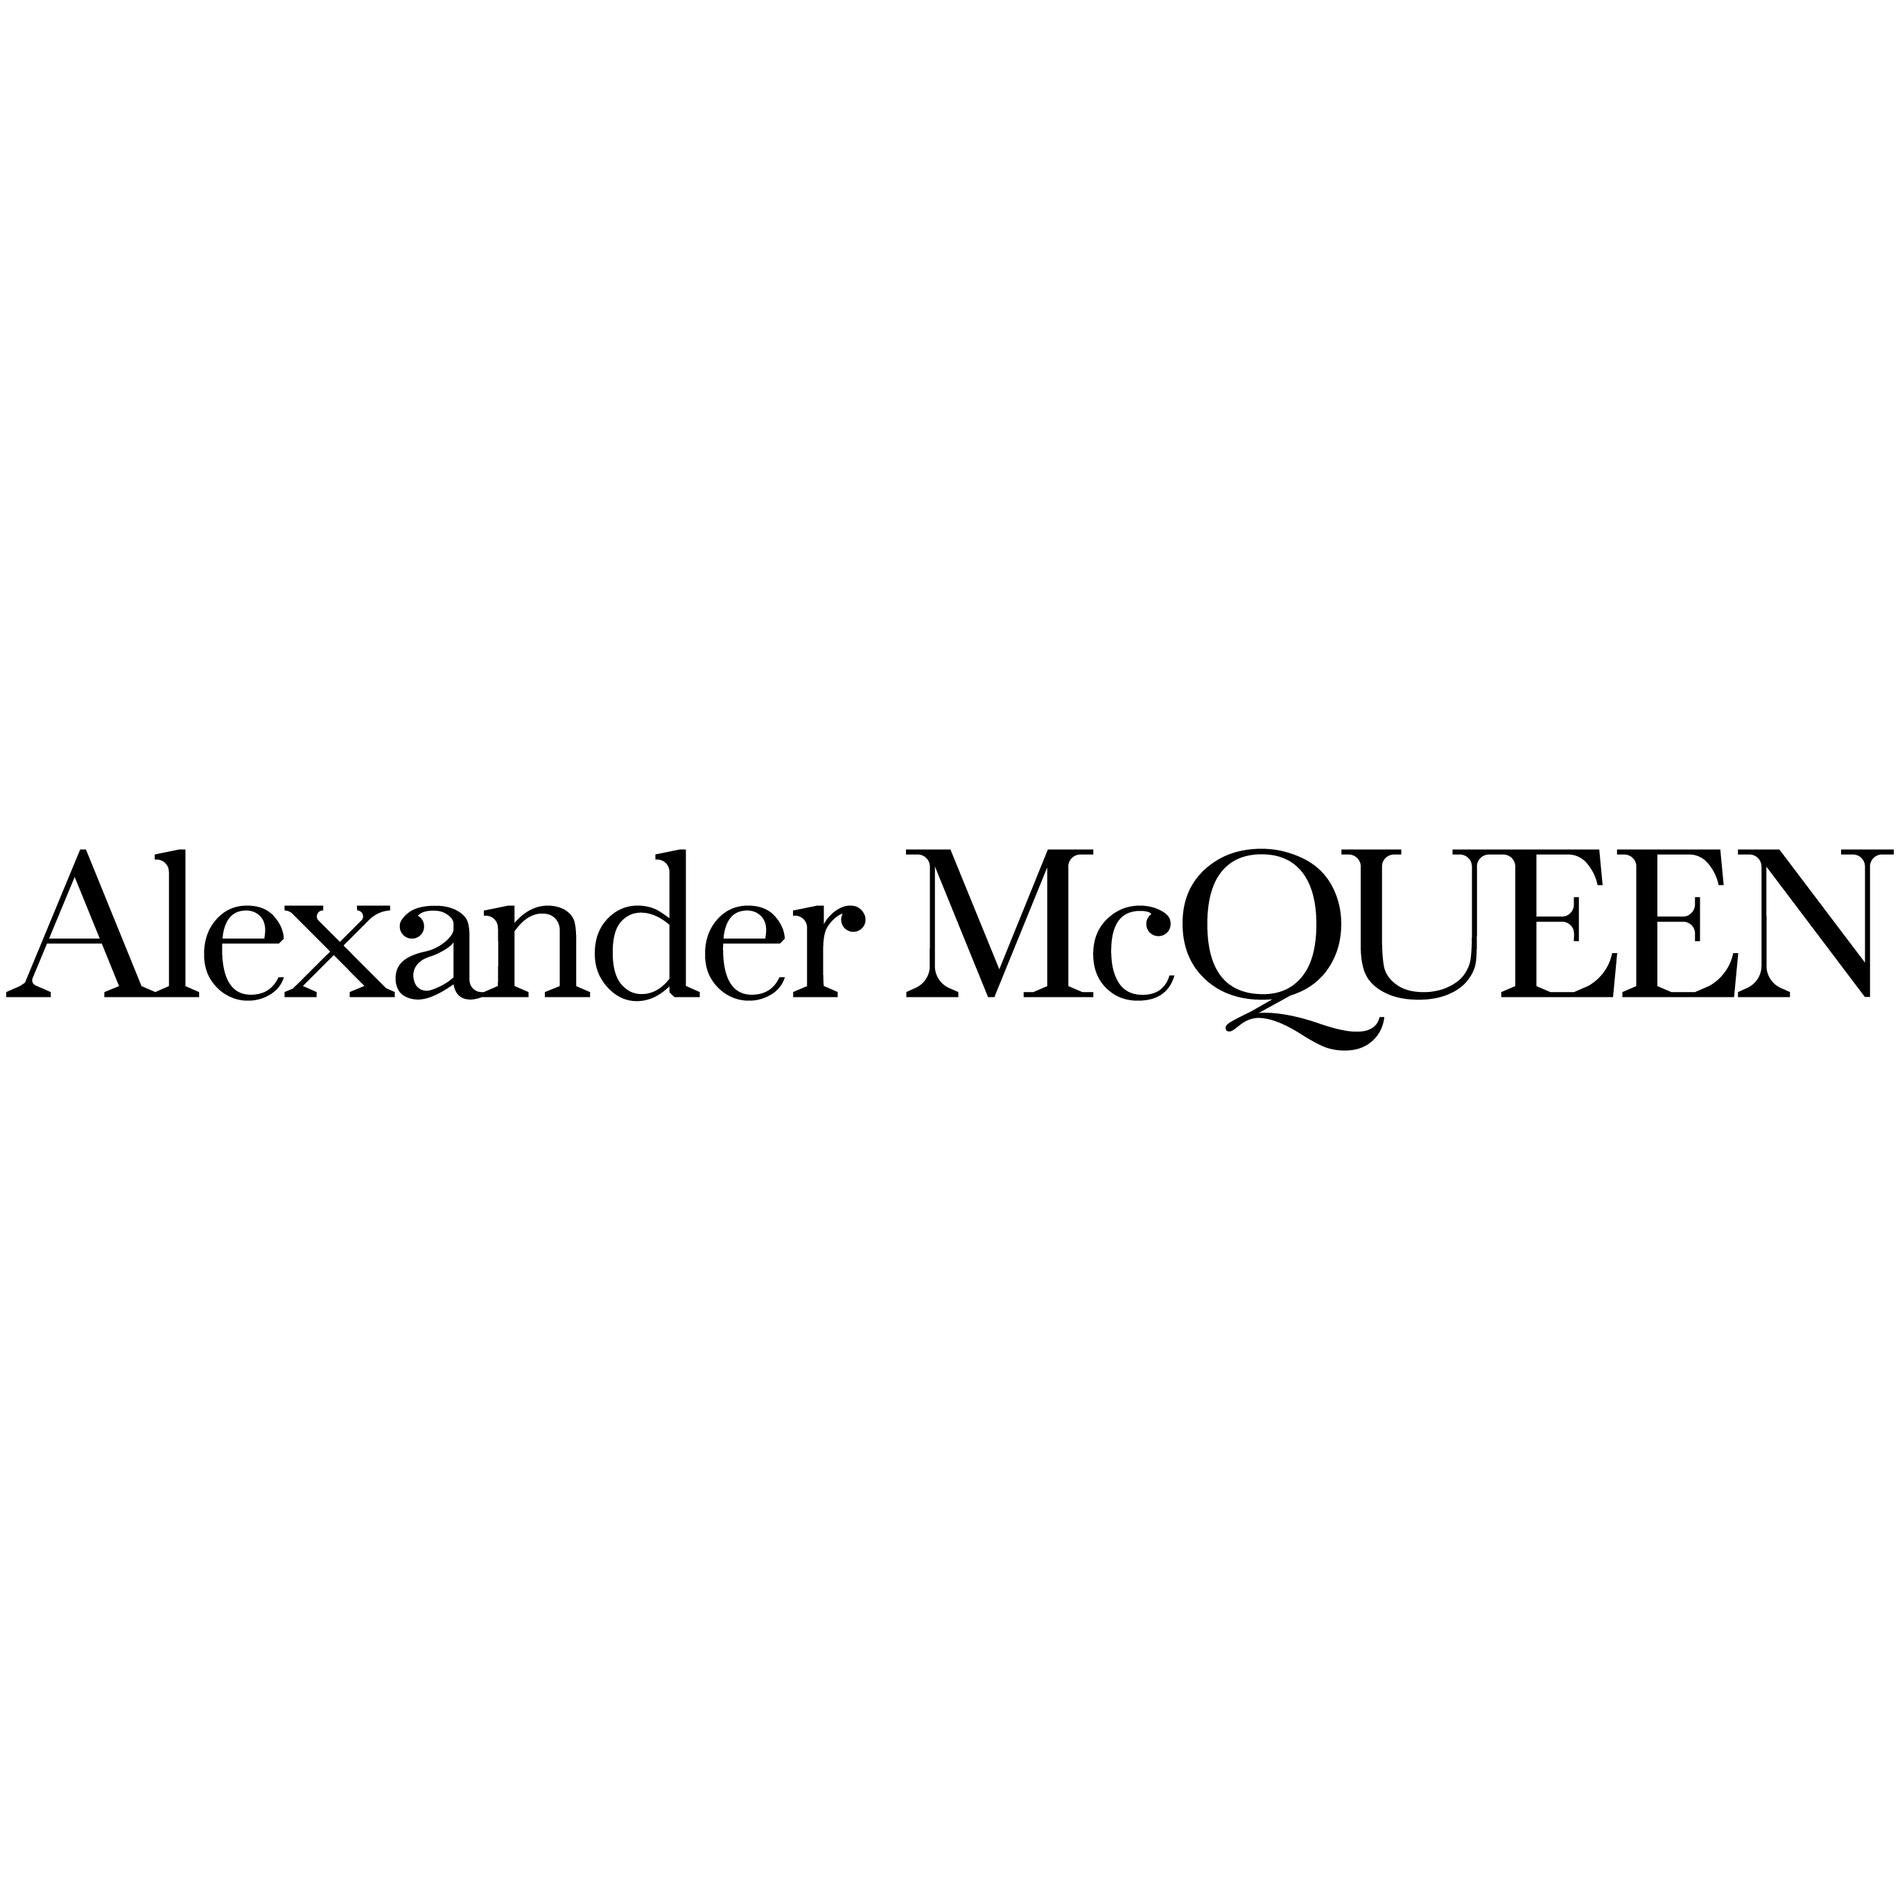 Alexander McQueen - Miami, FL 33137 - (786)857-5100 | ShowMeLocal.com